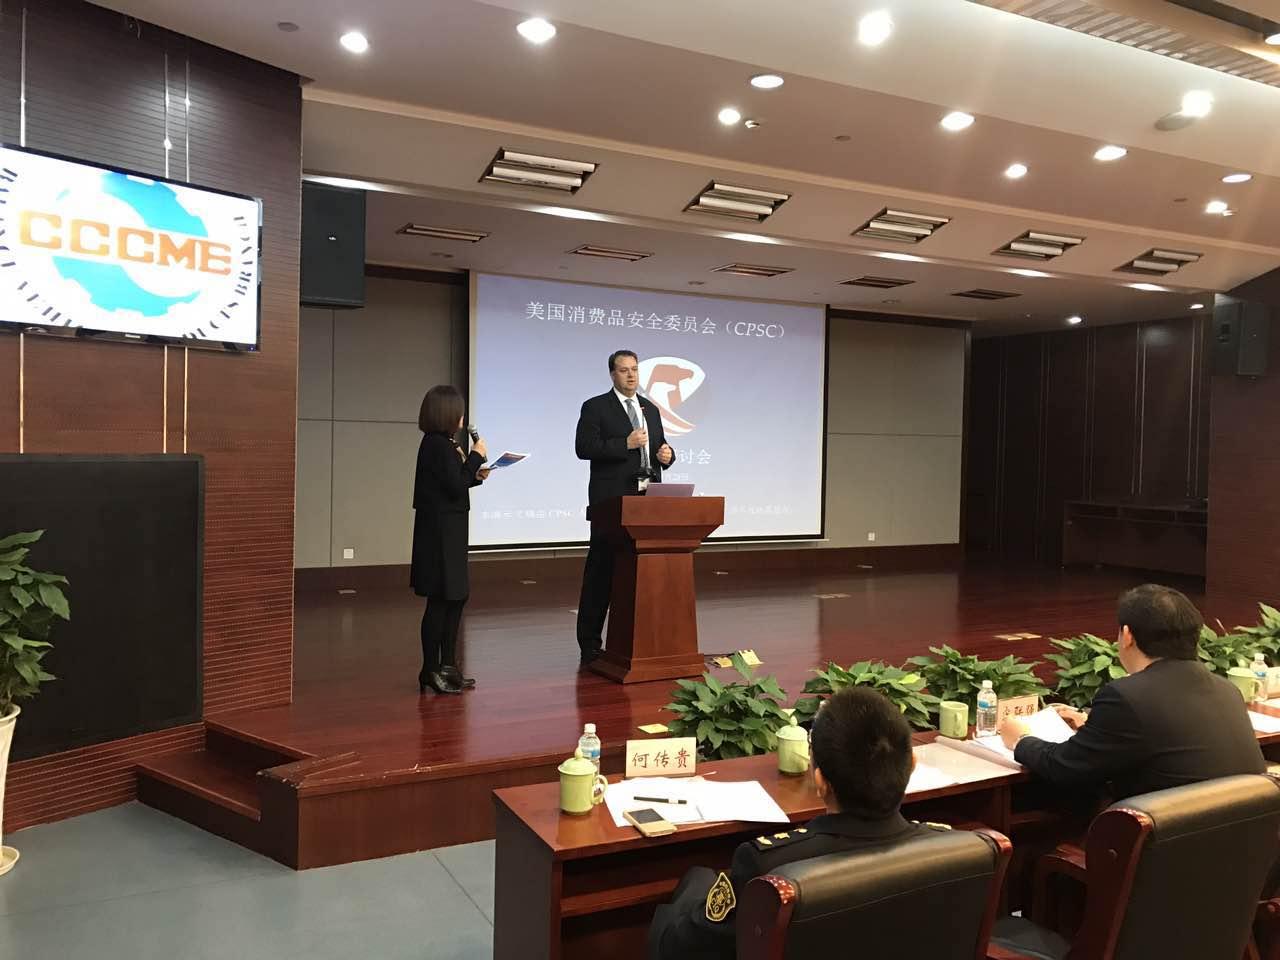 促进行业健康发展,平衡车进出口安全工作会议在杭州成功召开-唯轮网